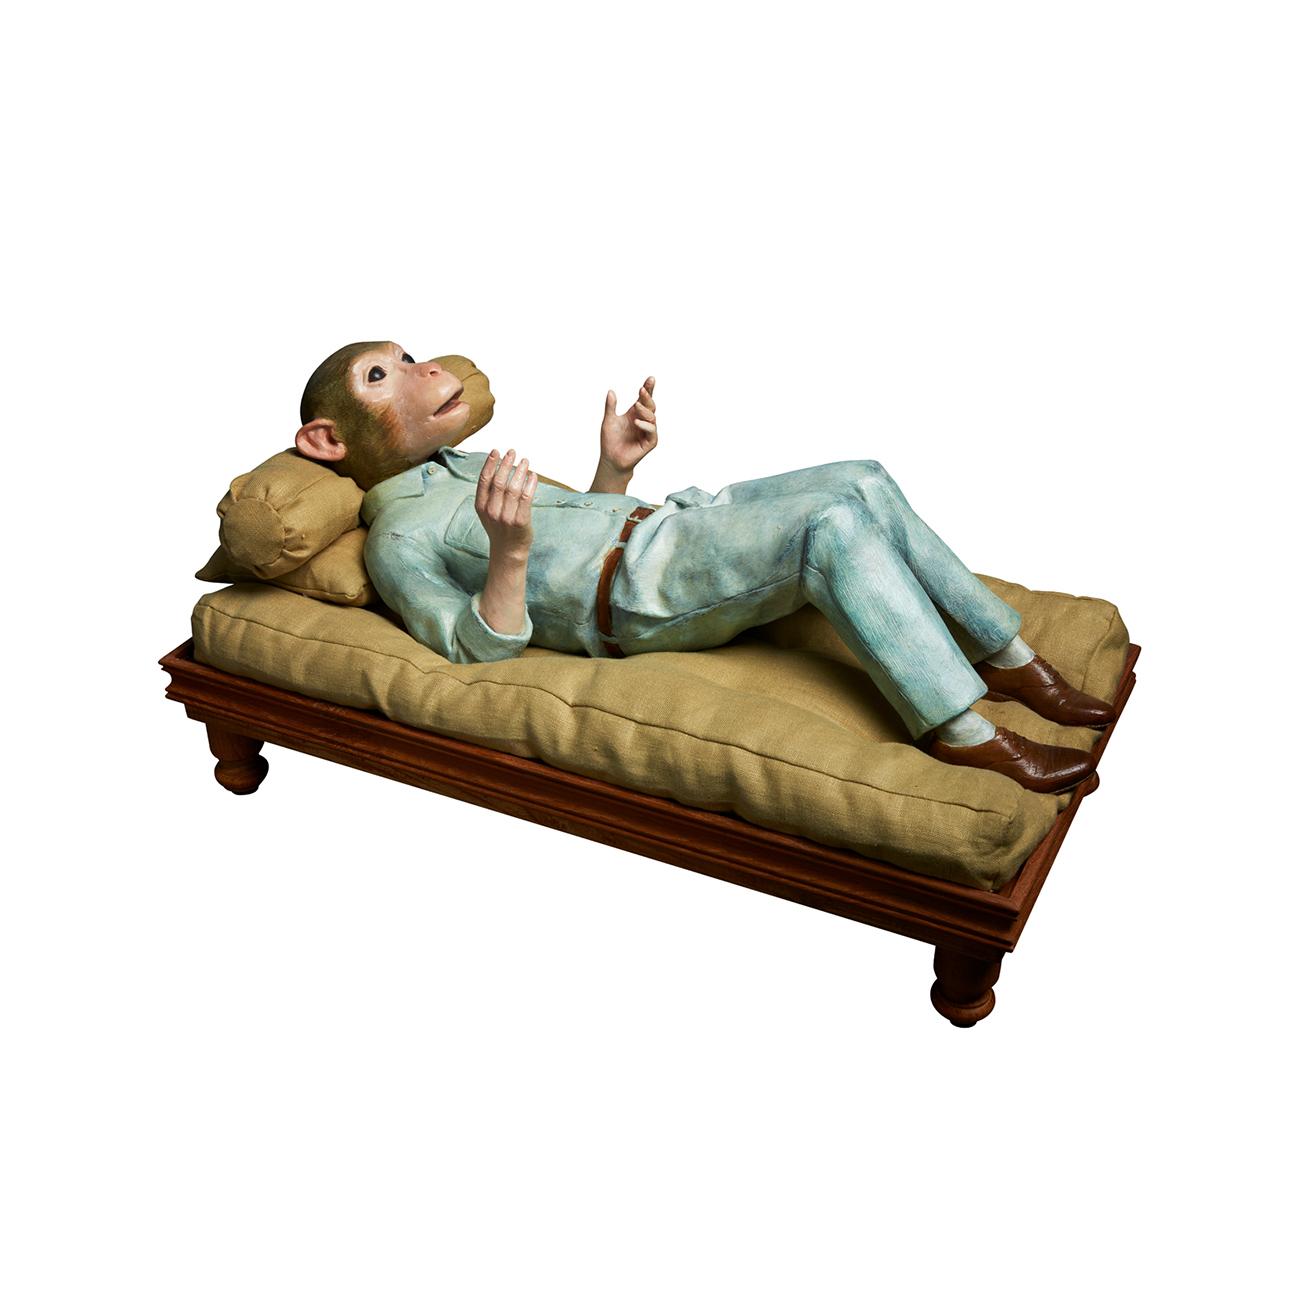 Lotta Hannertz  Monkey Mind  2014 Bronze sculpture and mixed media, 6/8 30 x 60 x 30 cm